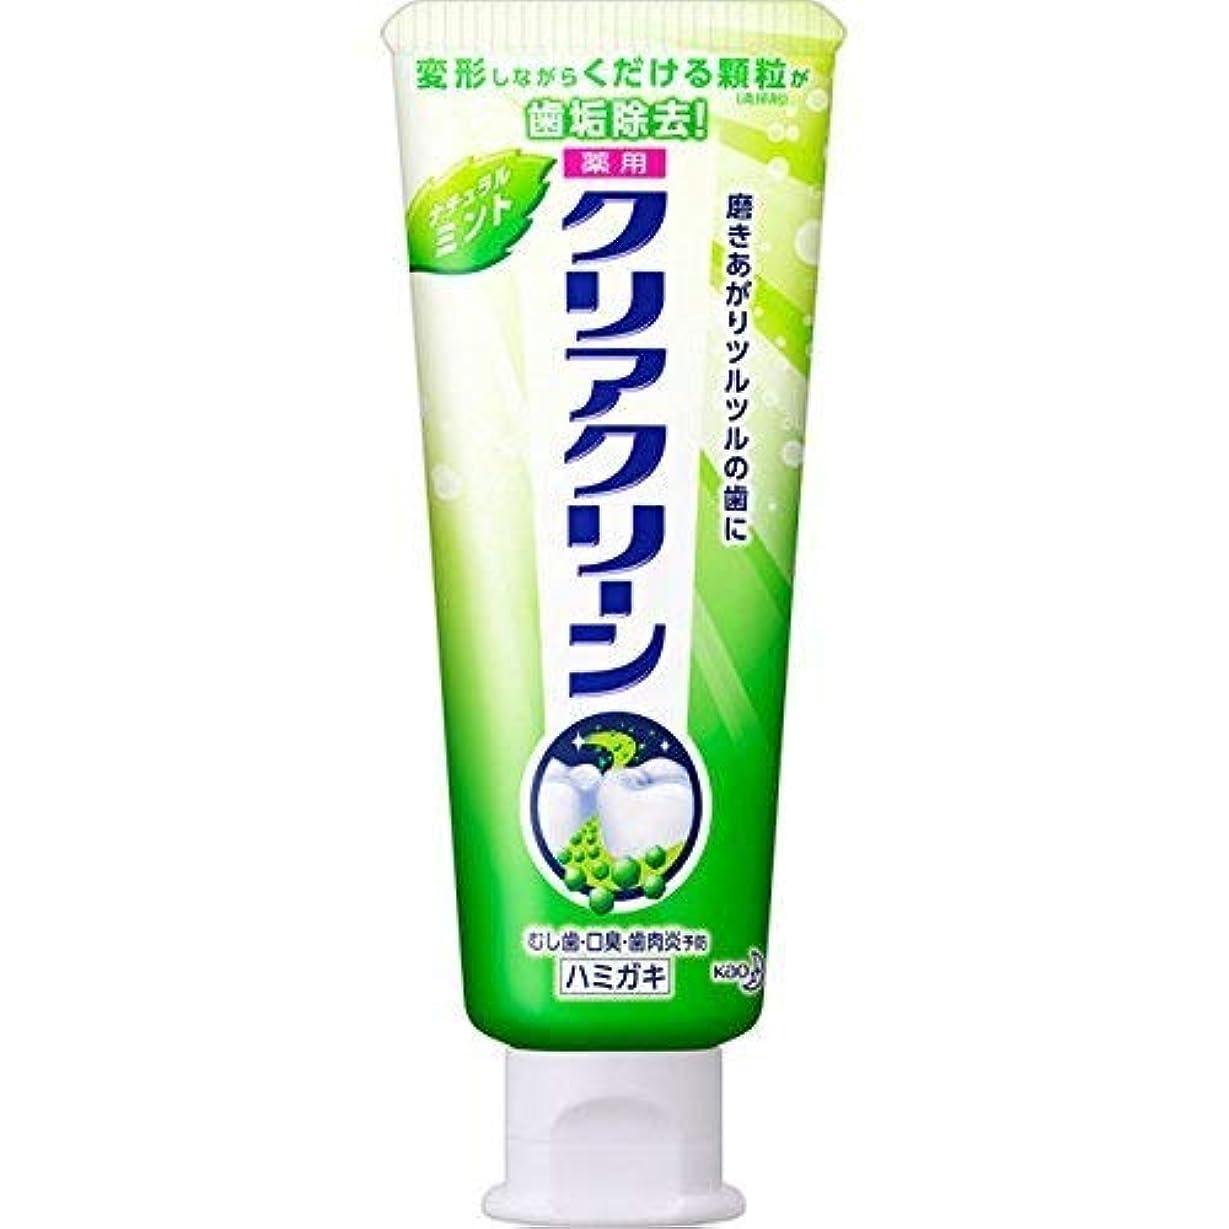 【花王】クリアクリーン ナチュラルミント スタンディングチューブ 小 80g ×20個セット